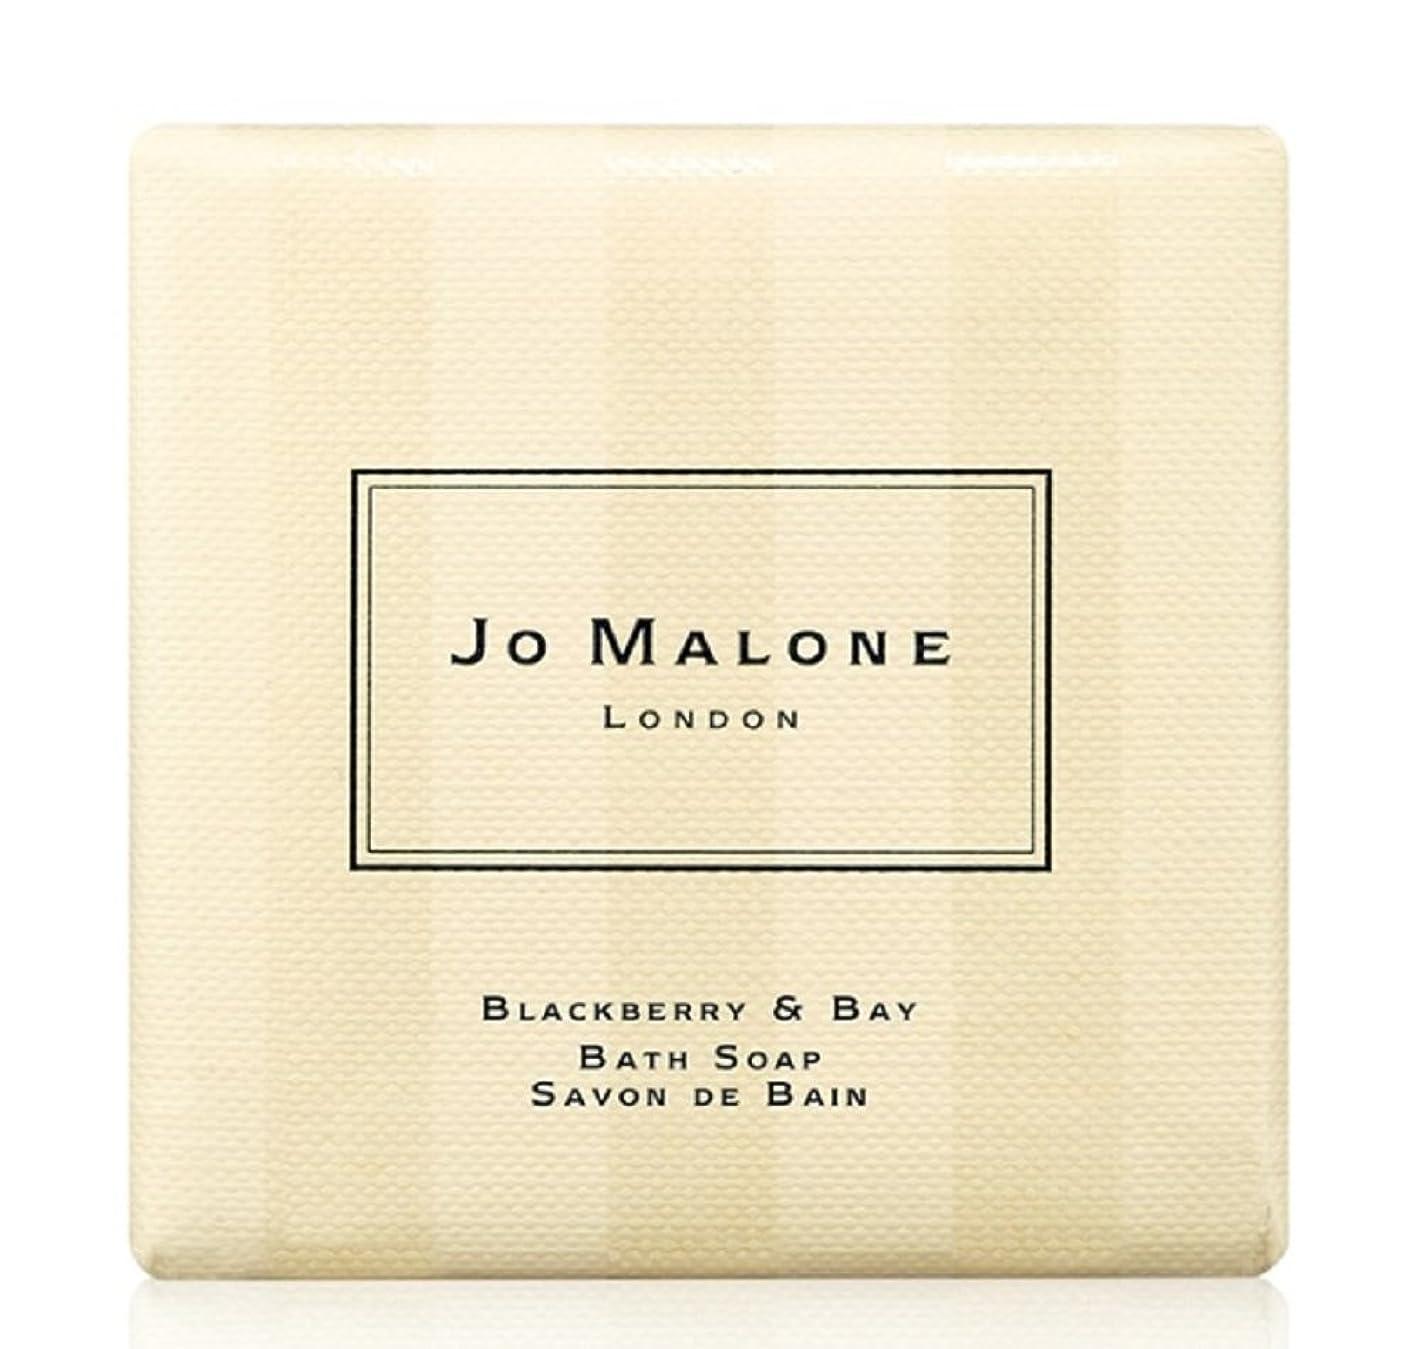 ジョーマローン ブラックベリー&ベイ バス ソープ 石鹸 100 g